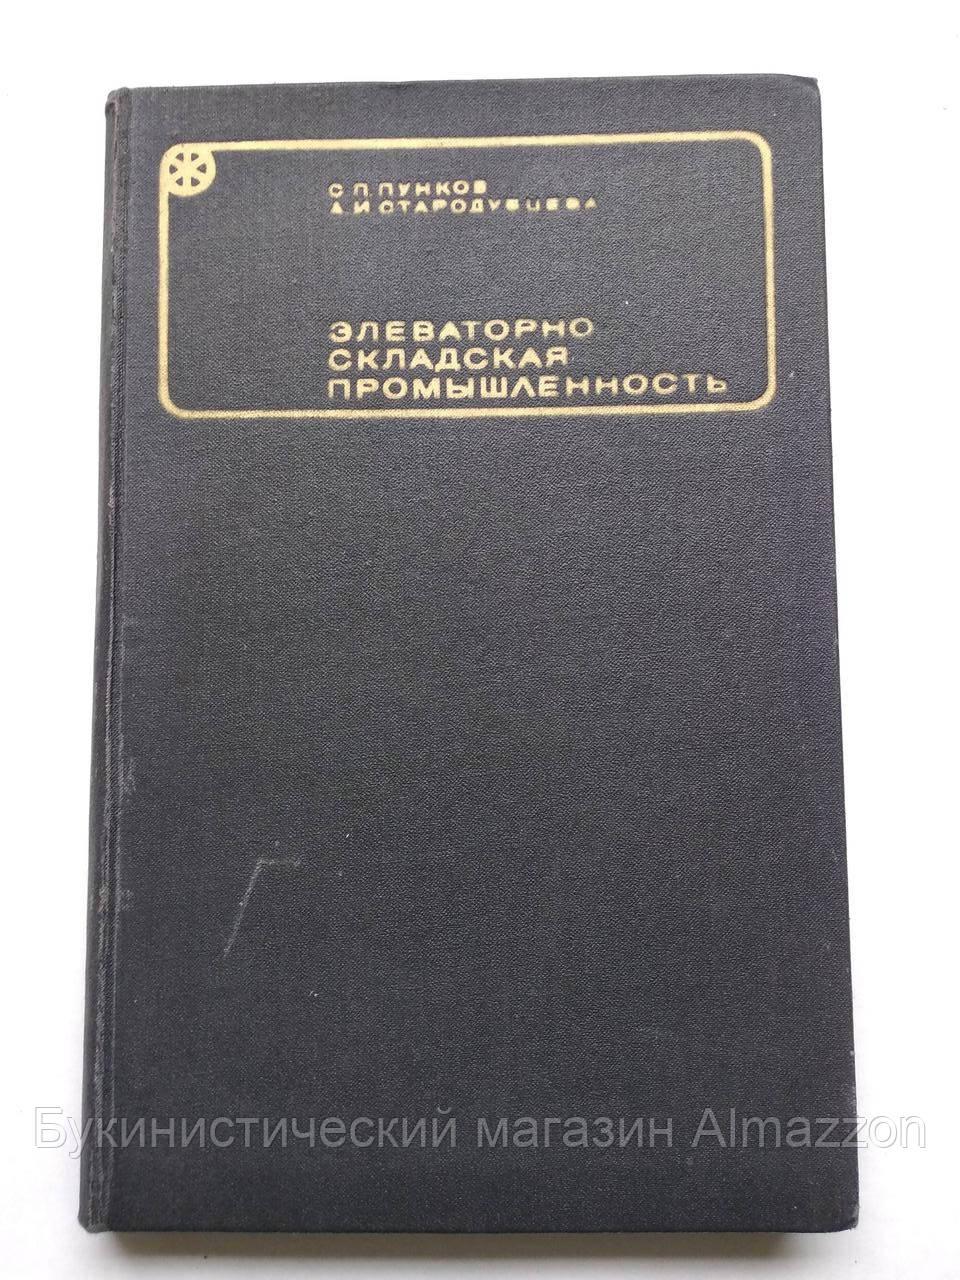 Элеваторно-складская промышленность С.П.Пунков, фото 1